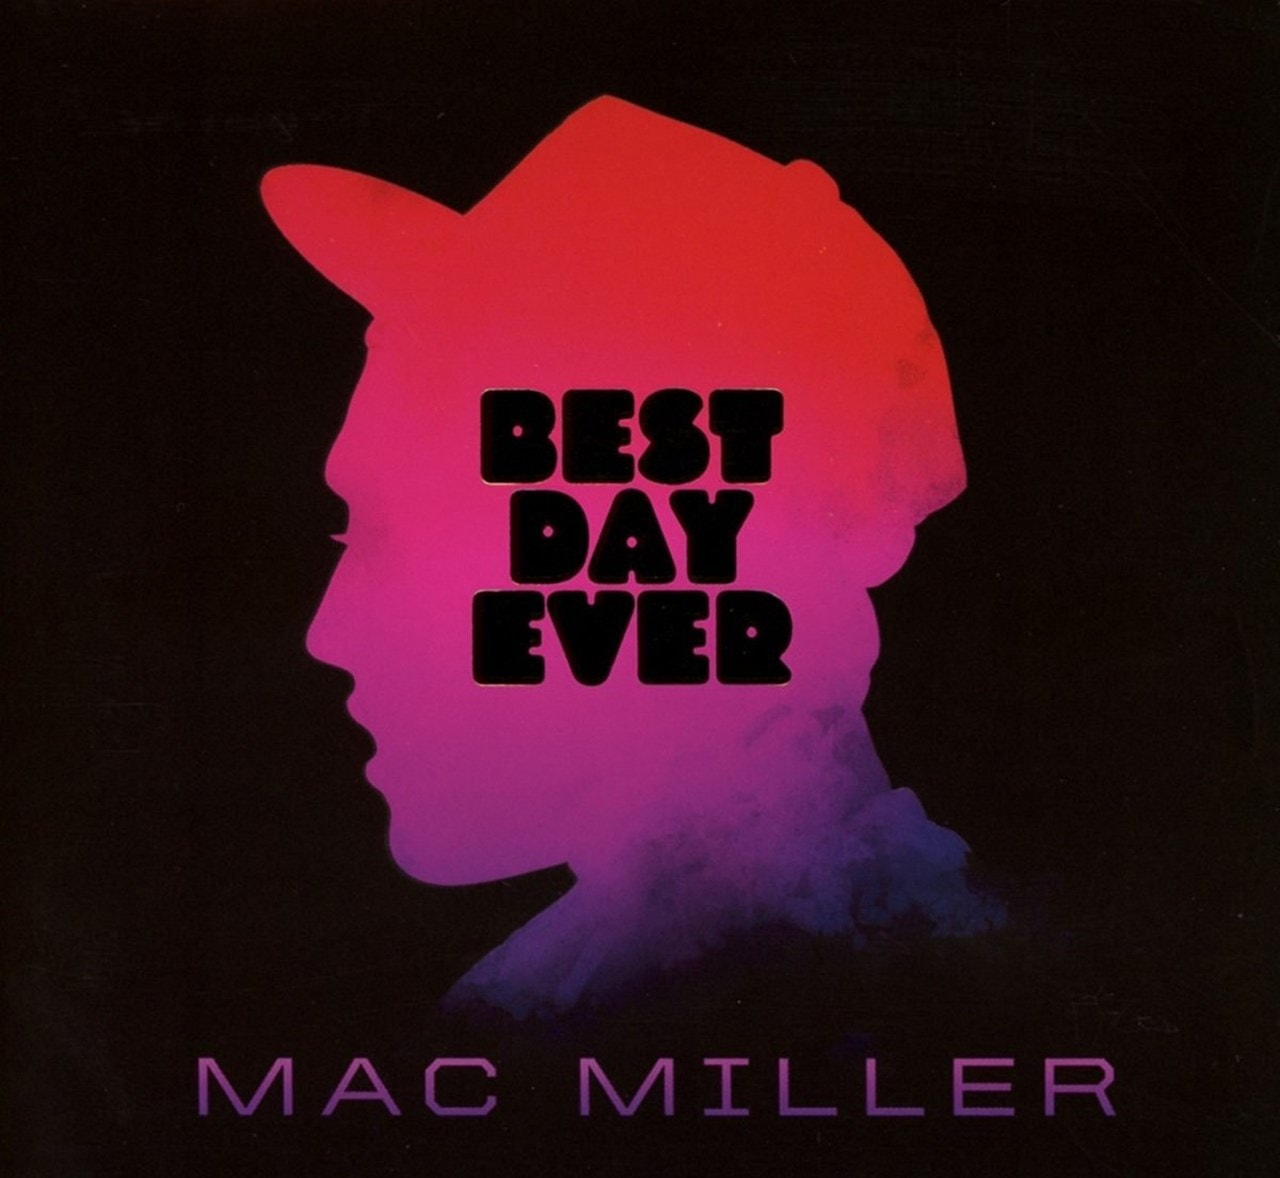 Mac Miller - Best Day Ever [2xLP]